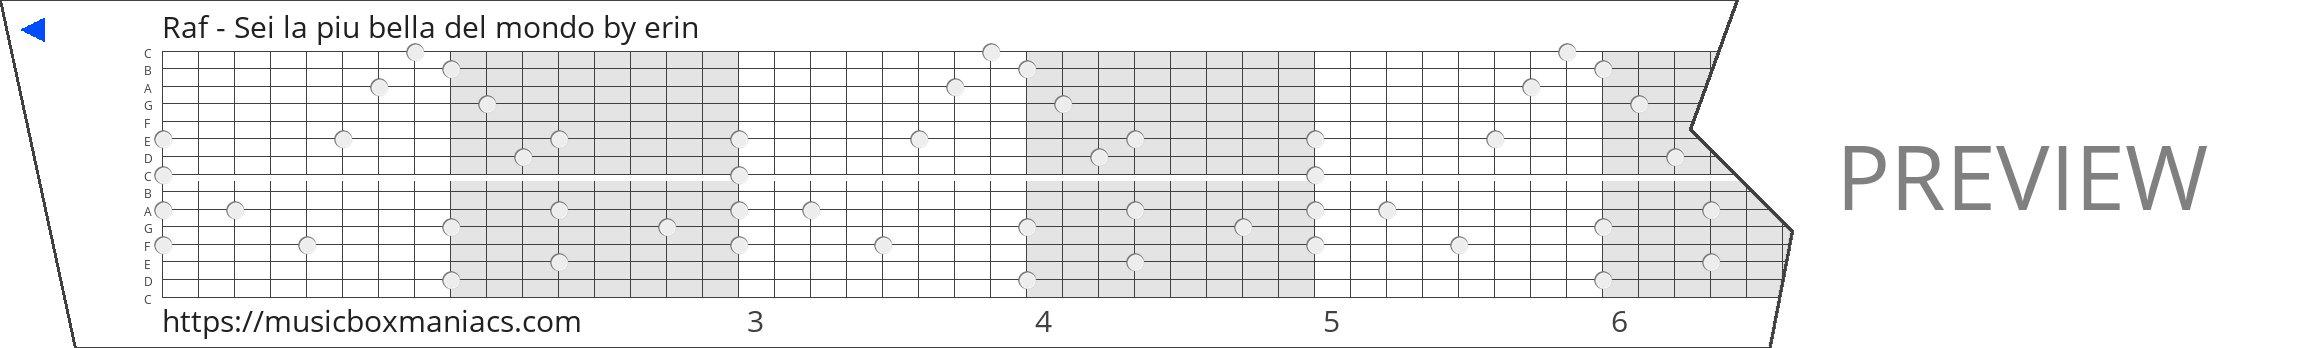 Raf - Sei la piu bella del mondo 15 note music box paper strip